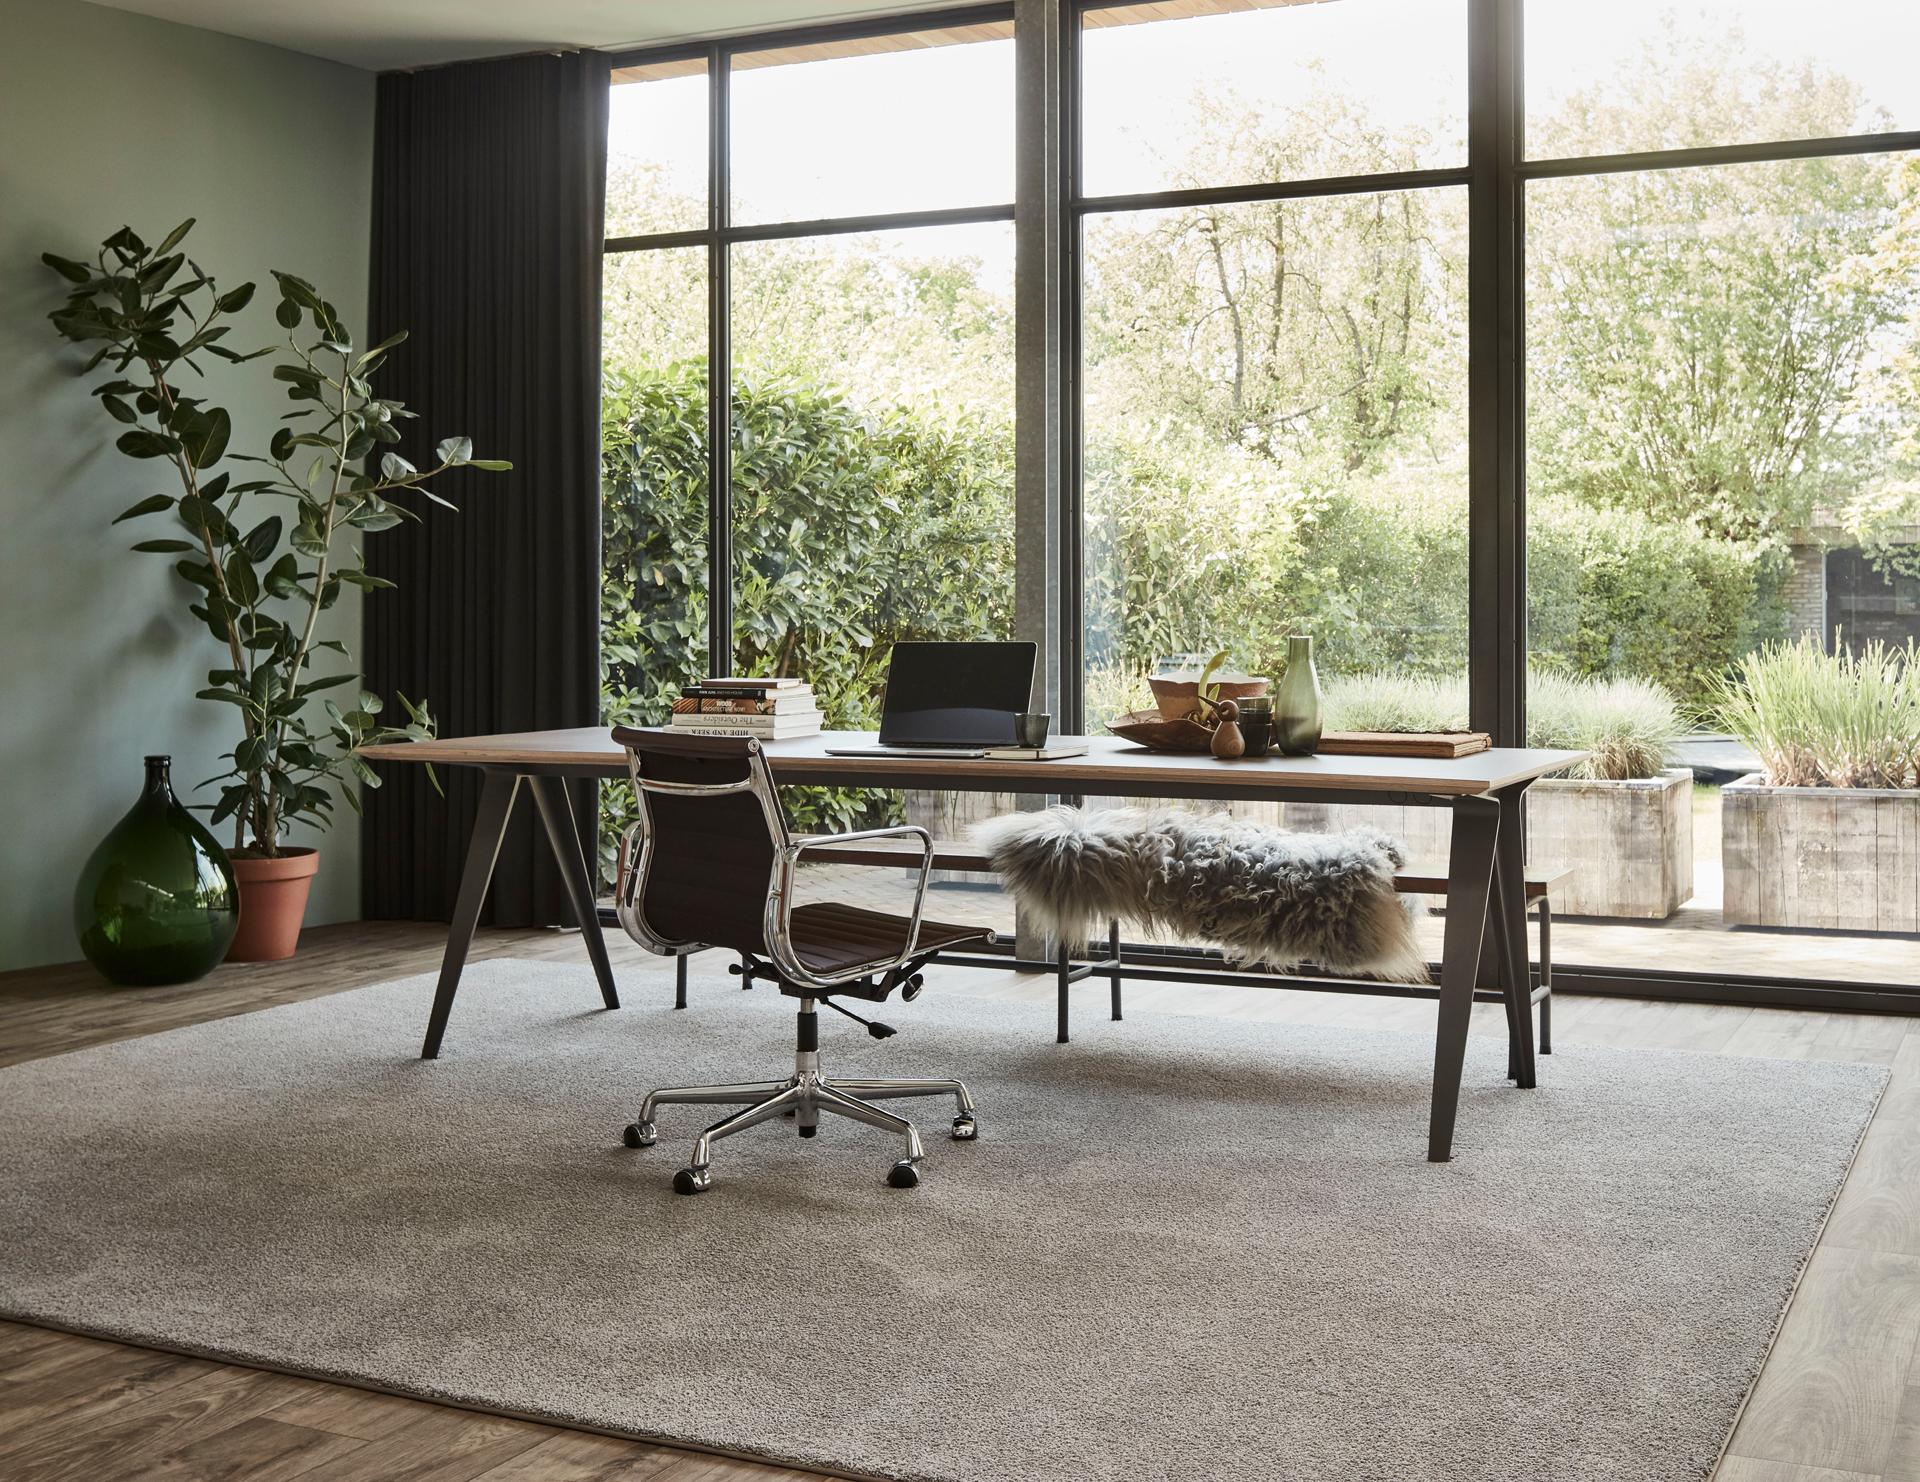 Karpetten op maat in uw woonkamer? Floorever deal!